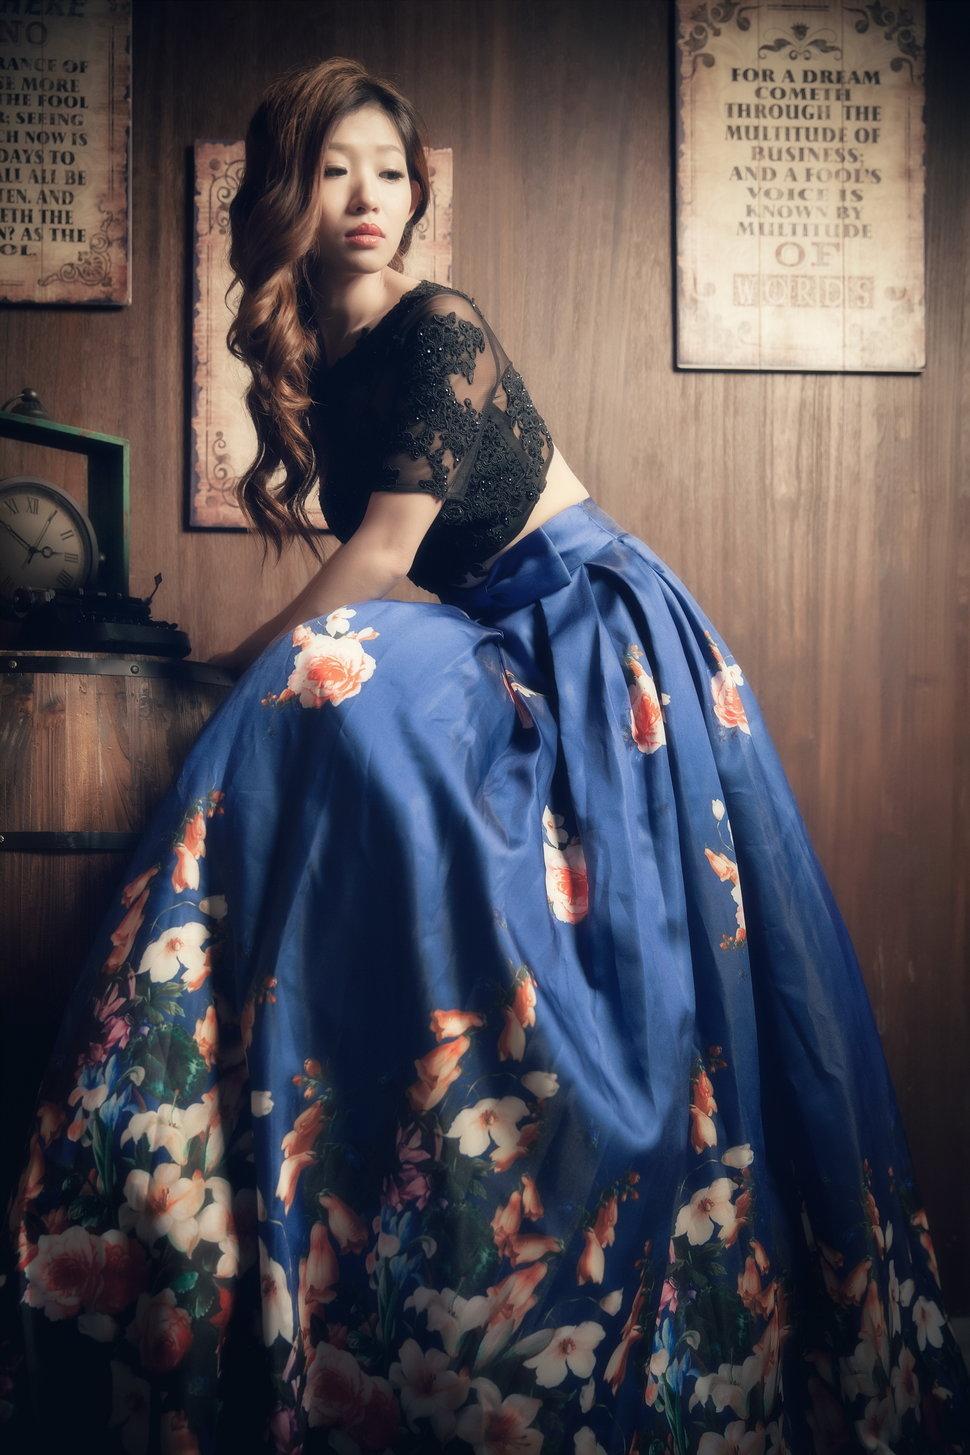 希臘婚禮 婚紗 攝影 手工婚紗禮服(編號:377098) - 希臘婚禮  婚紗  攝影 - 結婚吧